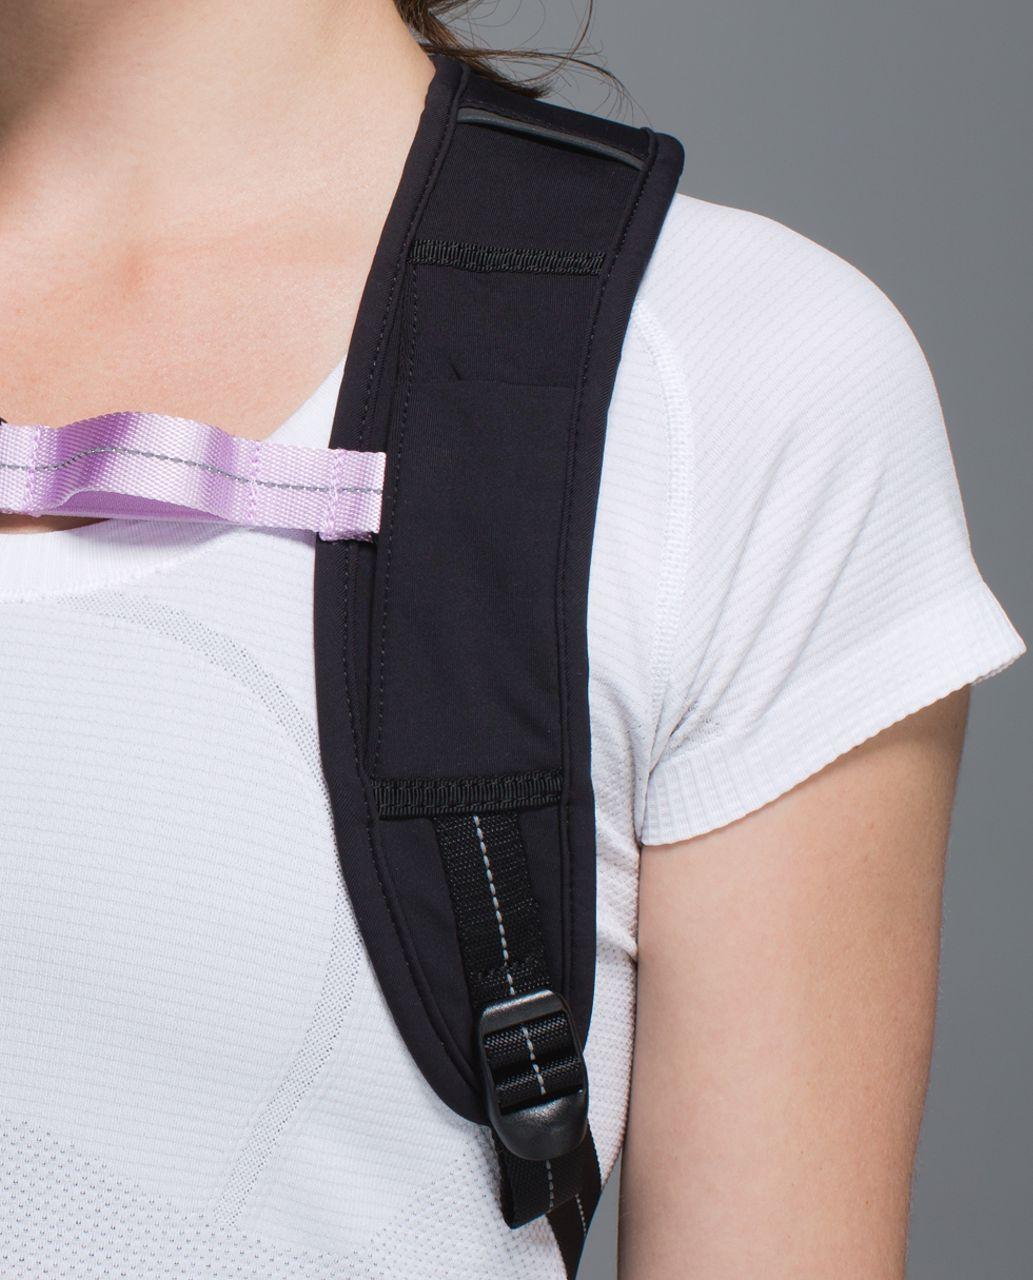 Lululemon Run All Day Backpack - Dottie Dash Slate Black